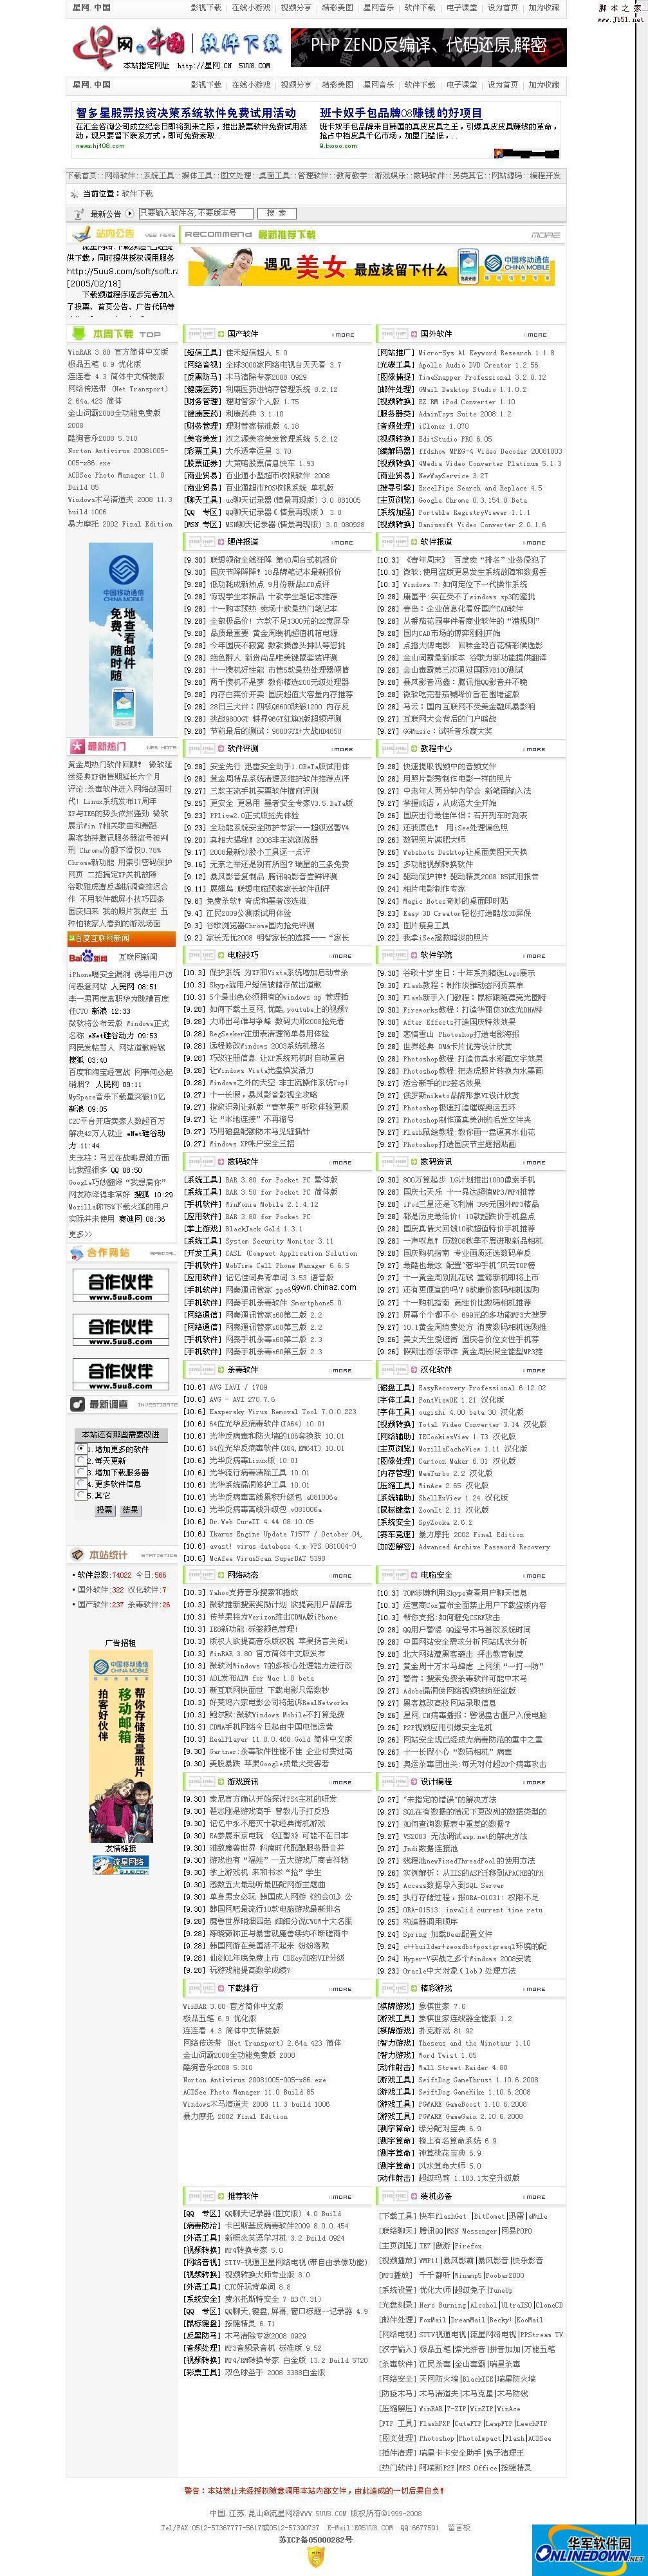 华军软件下载系统(php+zend)